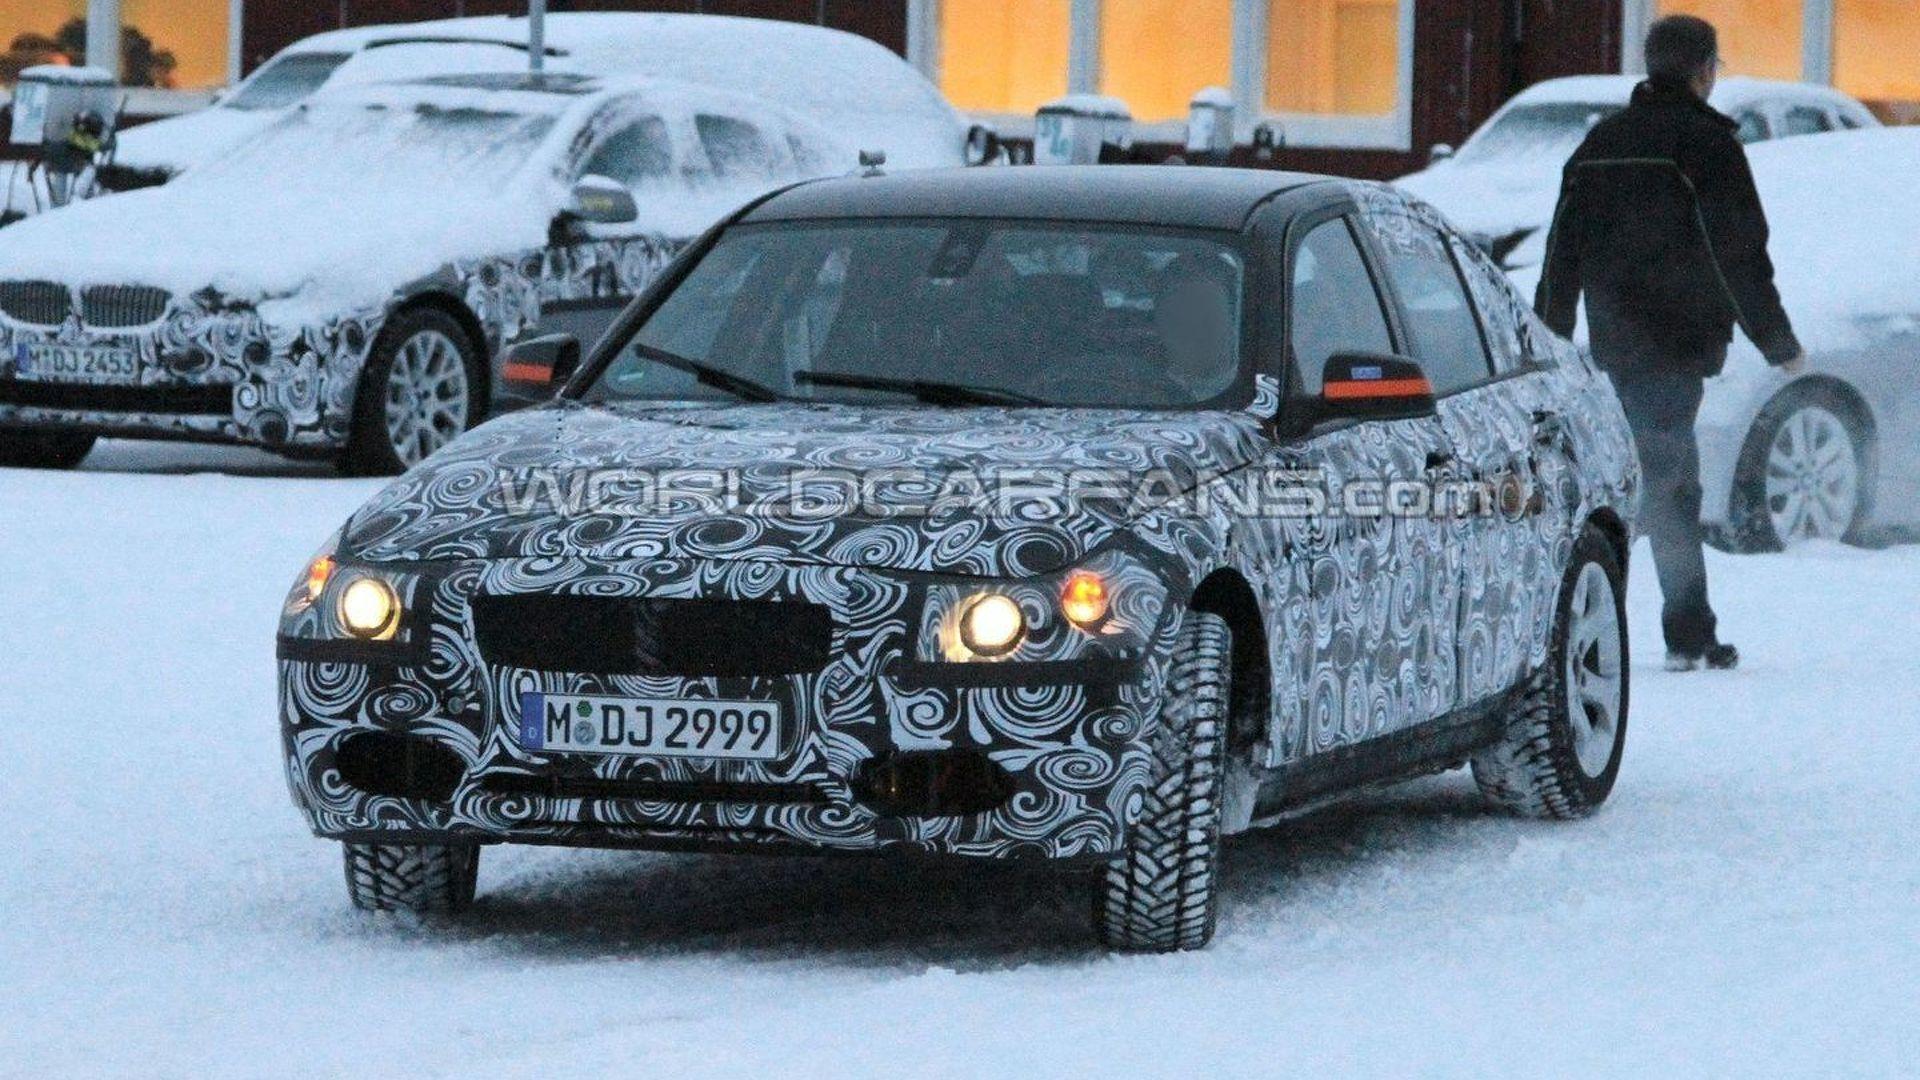 2012 BMW 3-Series F30 Latest Winter Test Spy Photos